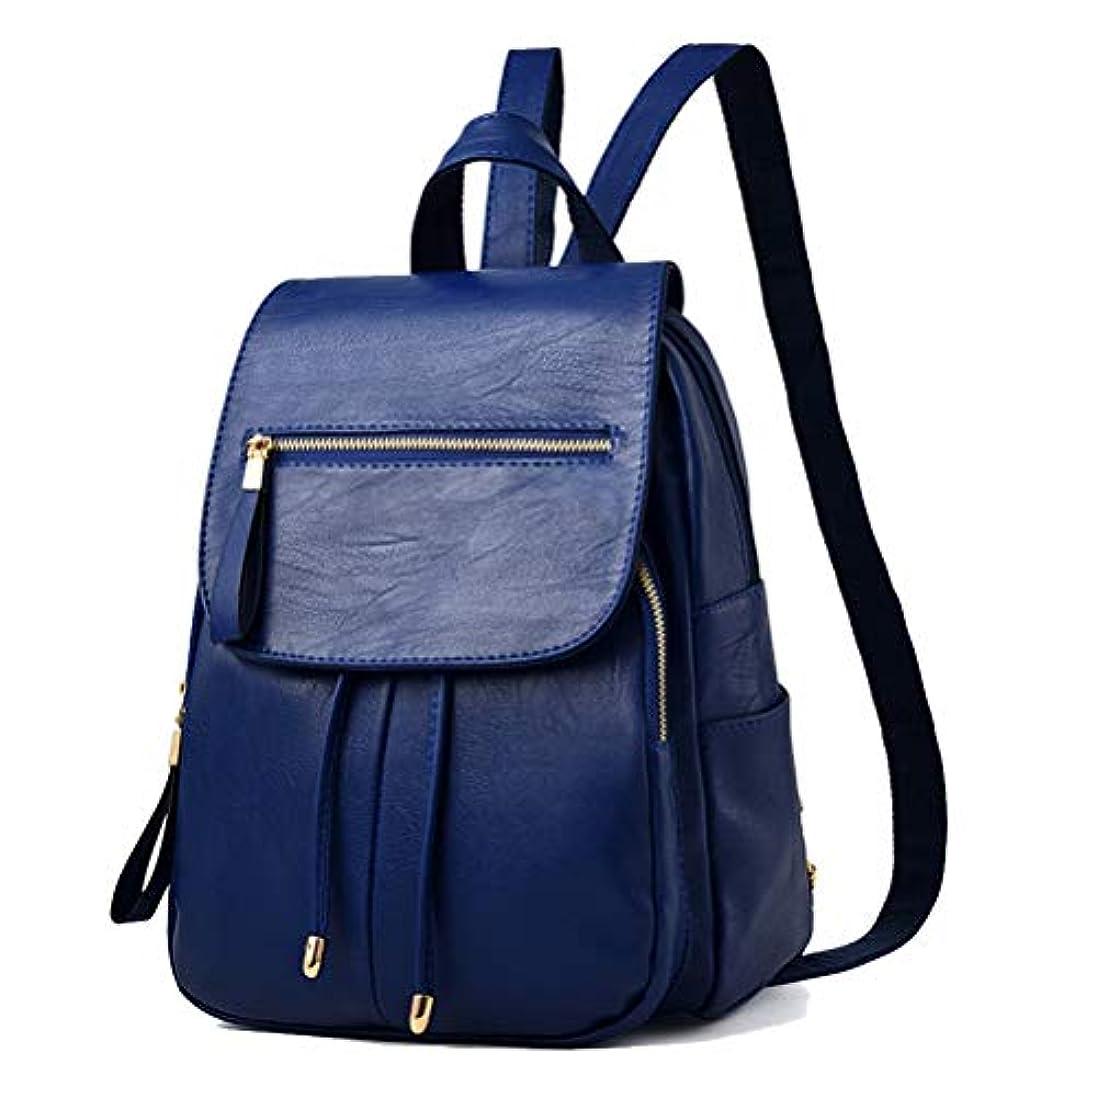 分岐する降雨赤(JACVAAP)レディース リュック PUレザー 防水リング 欧米風バッグ 女性人気 鞄 かわいい 軽量リュック 可愛い かばん レディース リュックサック 女児 大容量 通勤 通学 中学生 女子リュック